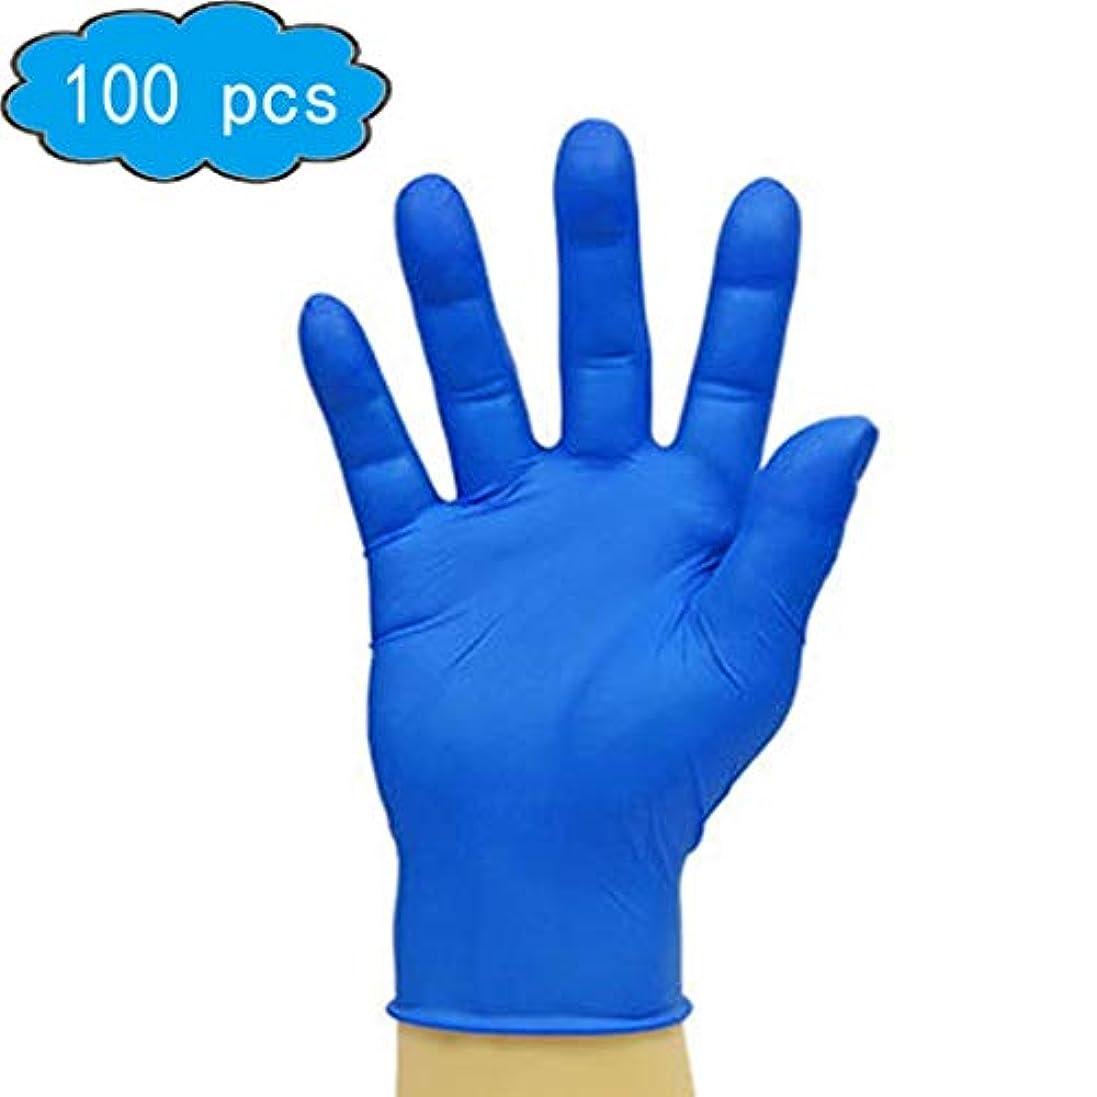 ライナー階層安らぎ使い捨てニトリル手袋、肥厚、ダークブルー、5ミル、ブルー、サイズL、パックあたり100 (Color : Blue, Size : M)